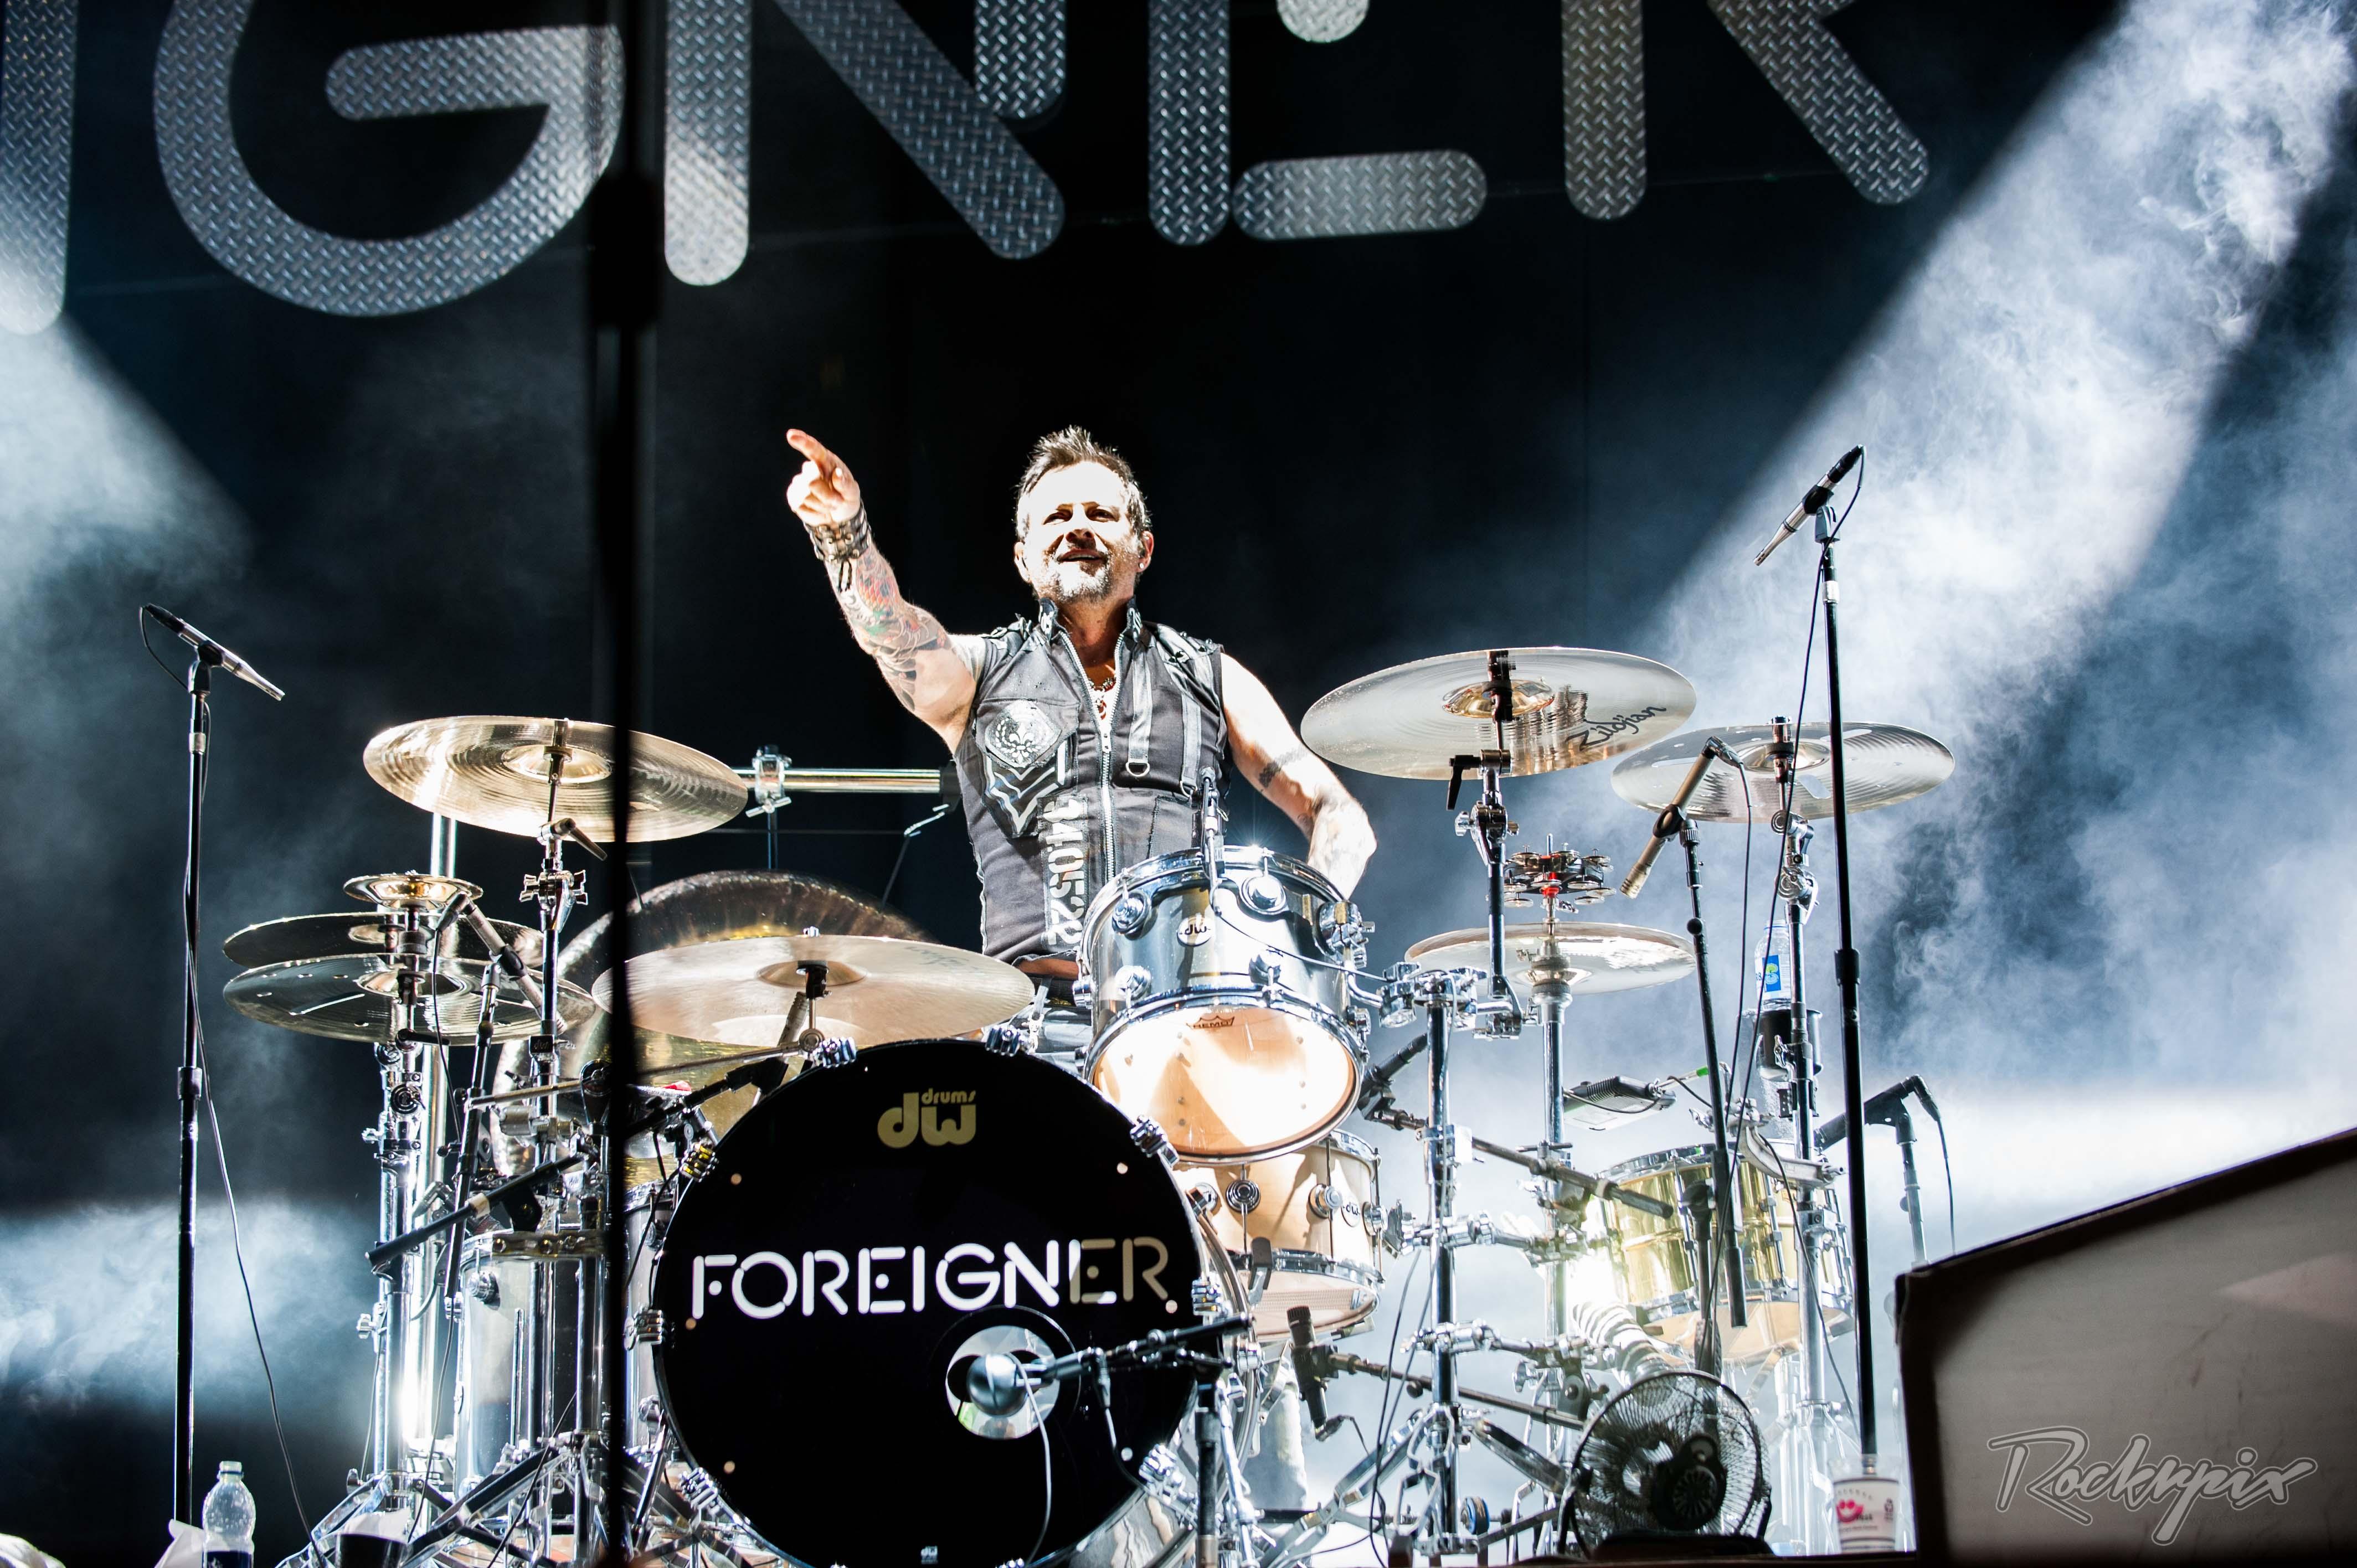 Foreigner-8610.jpg